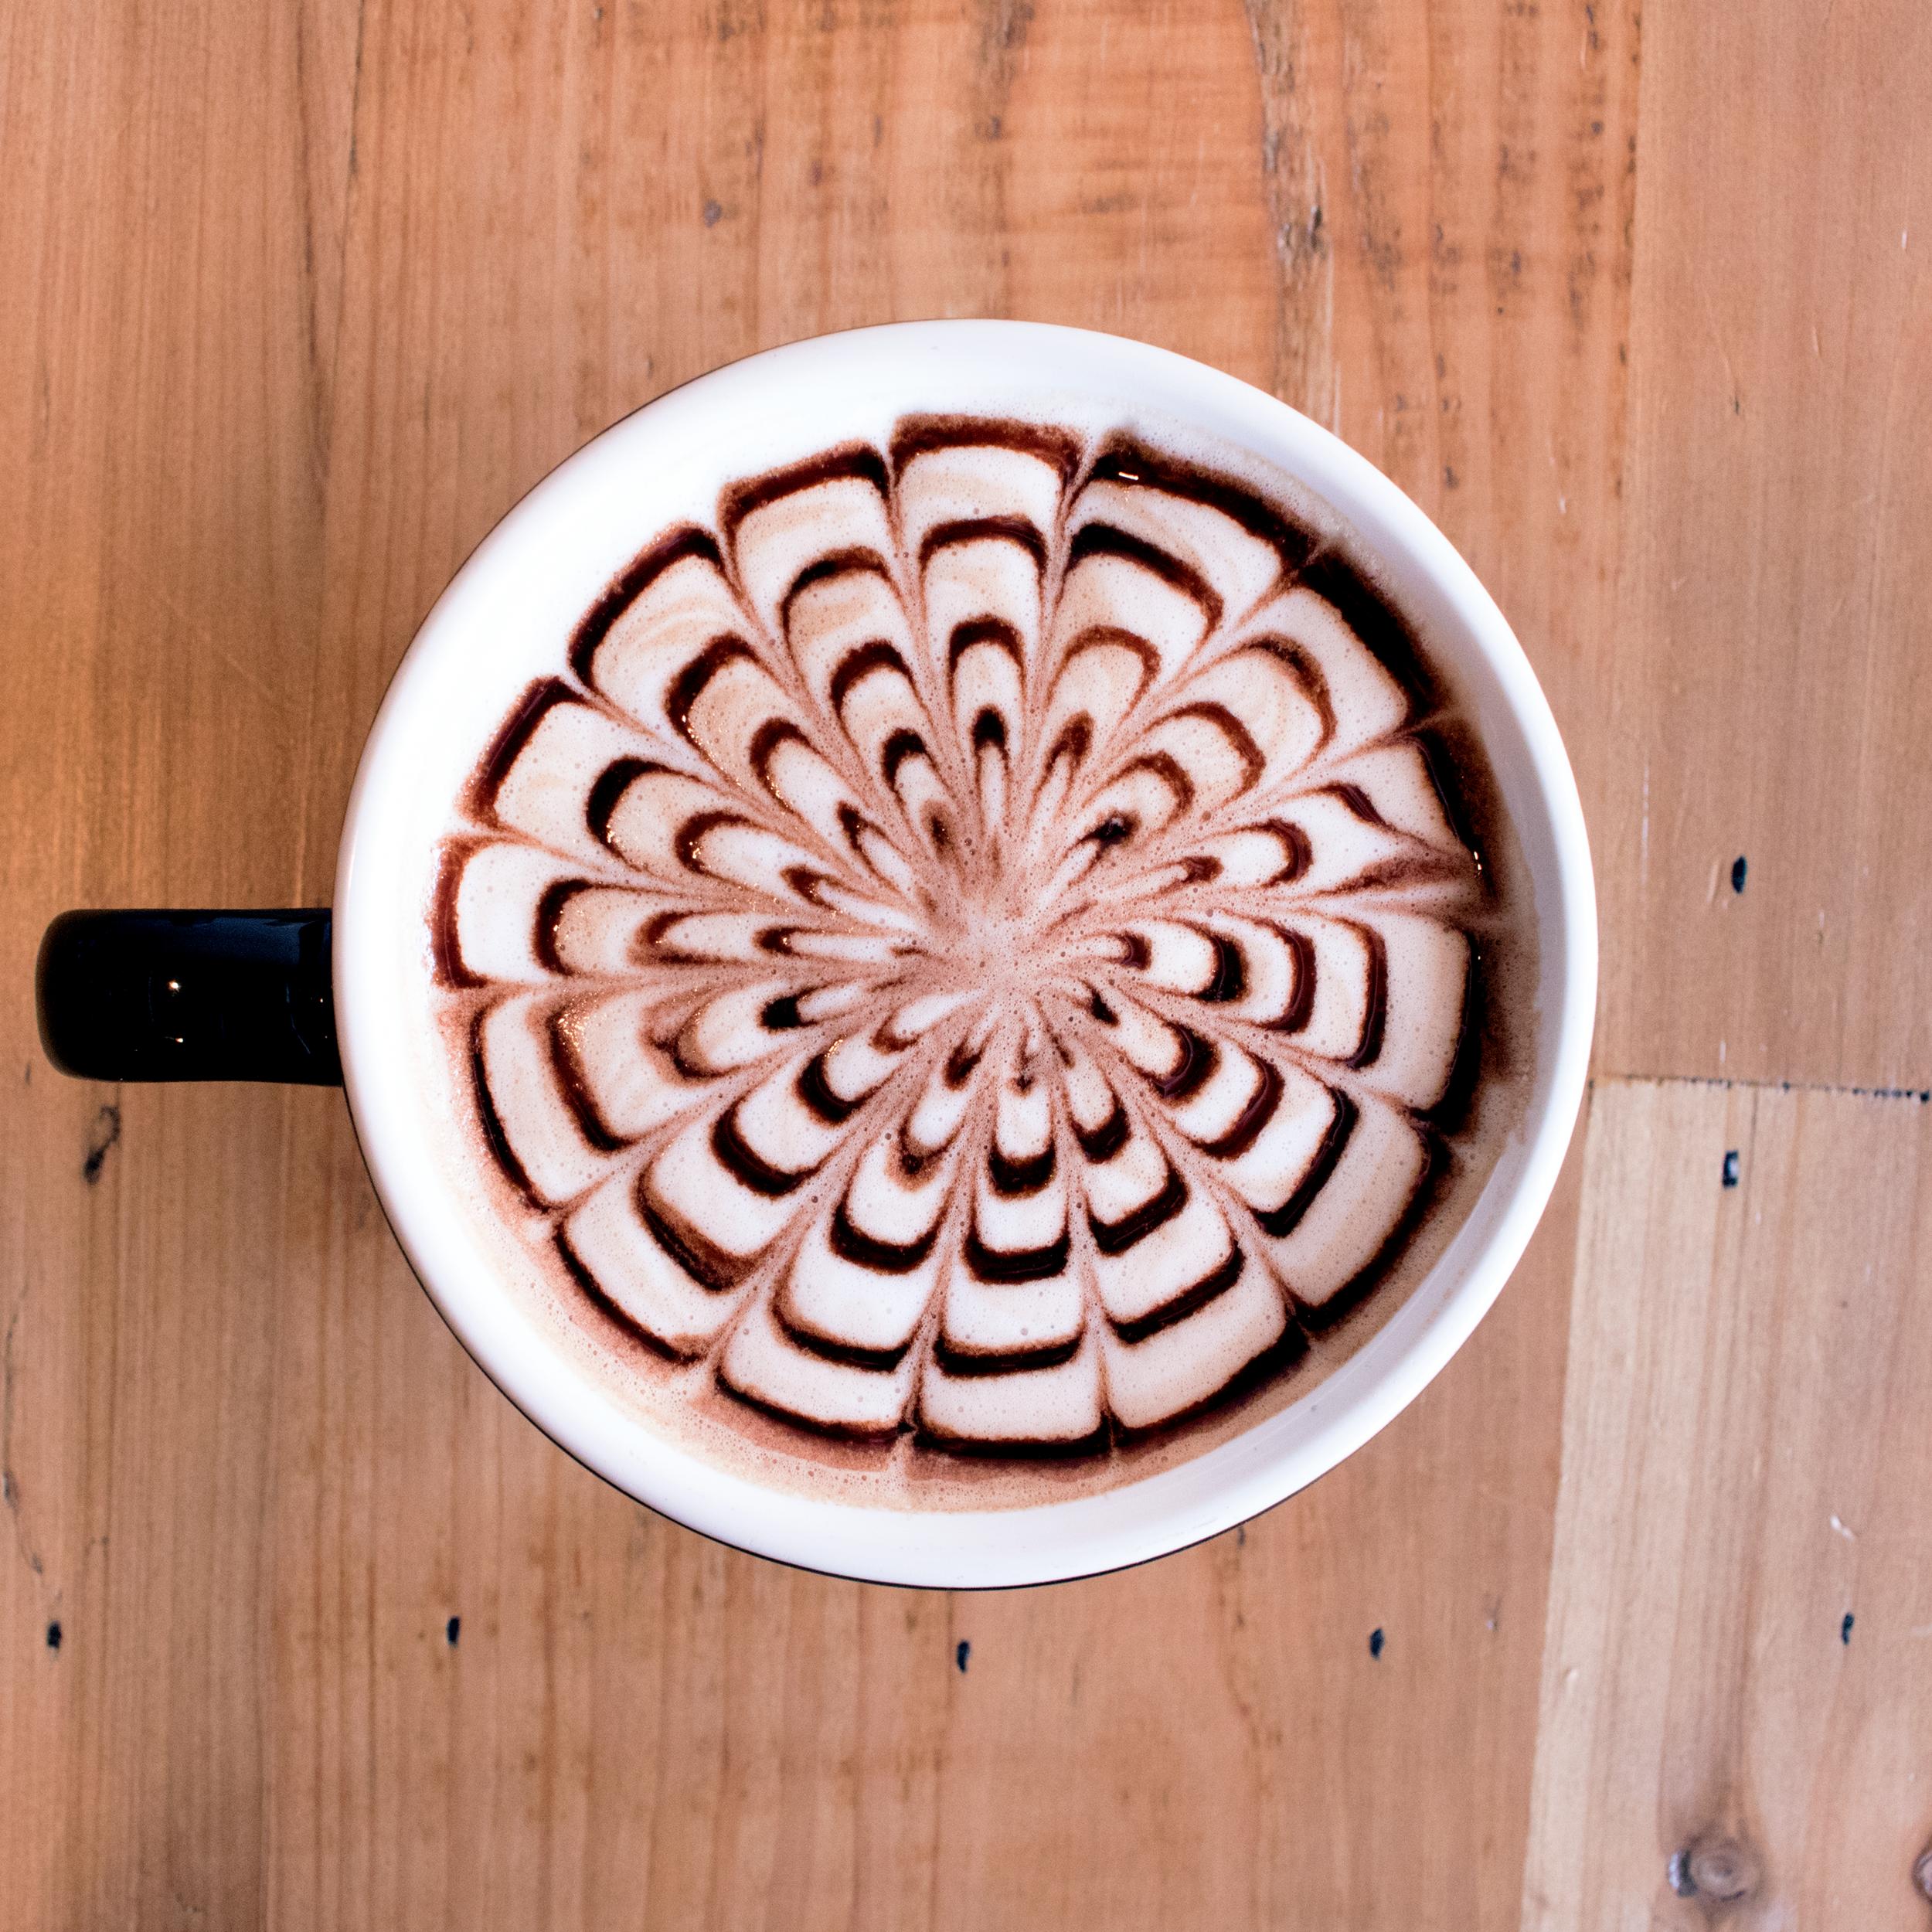 Peanut Butter Cup Mocha - Espresso + Chocolate + Peanut Butter + Milk